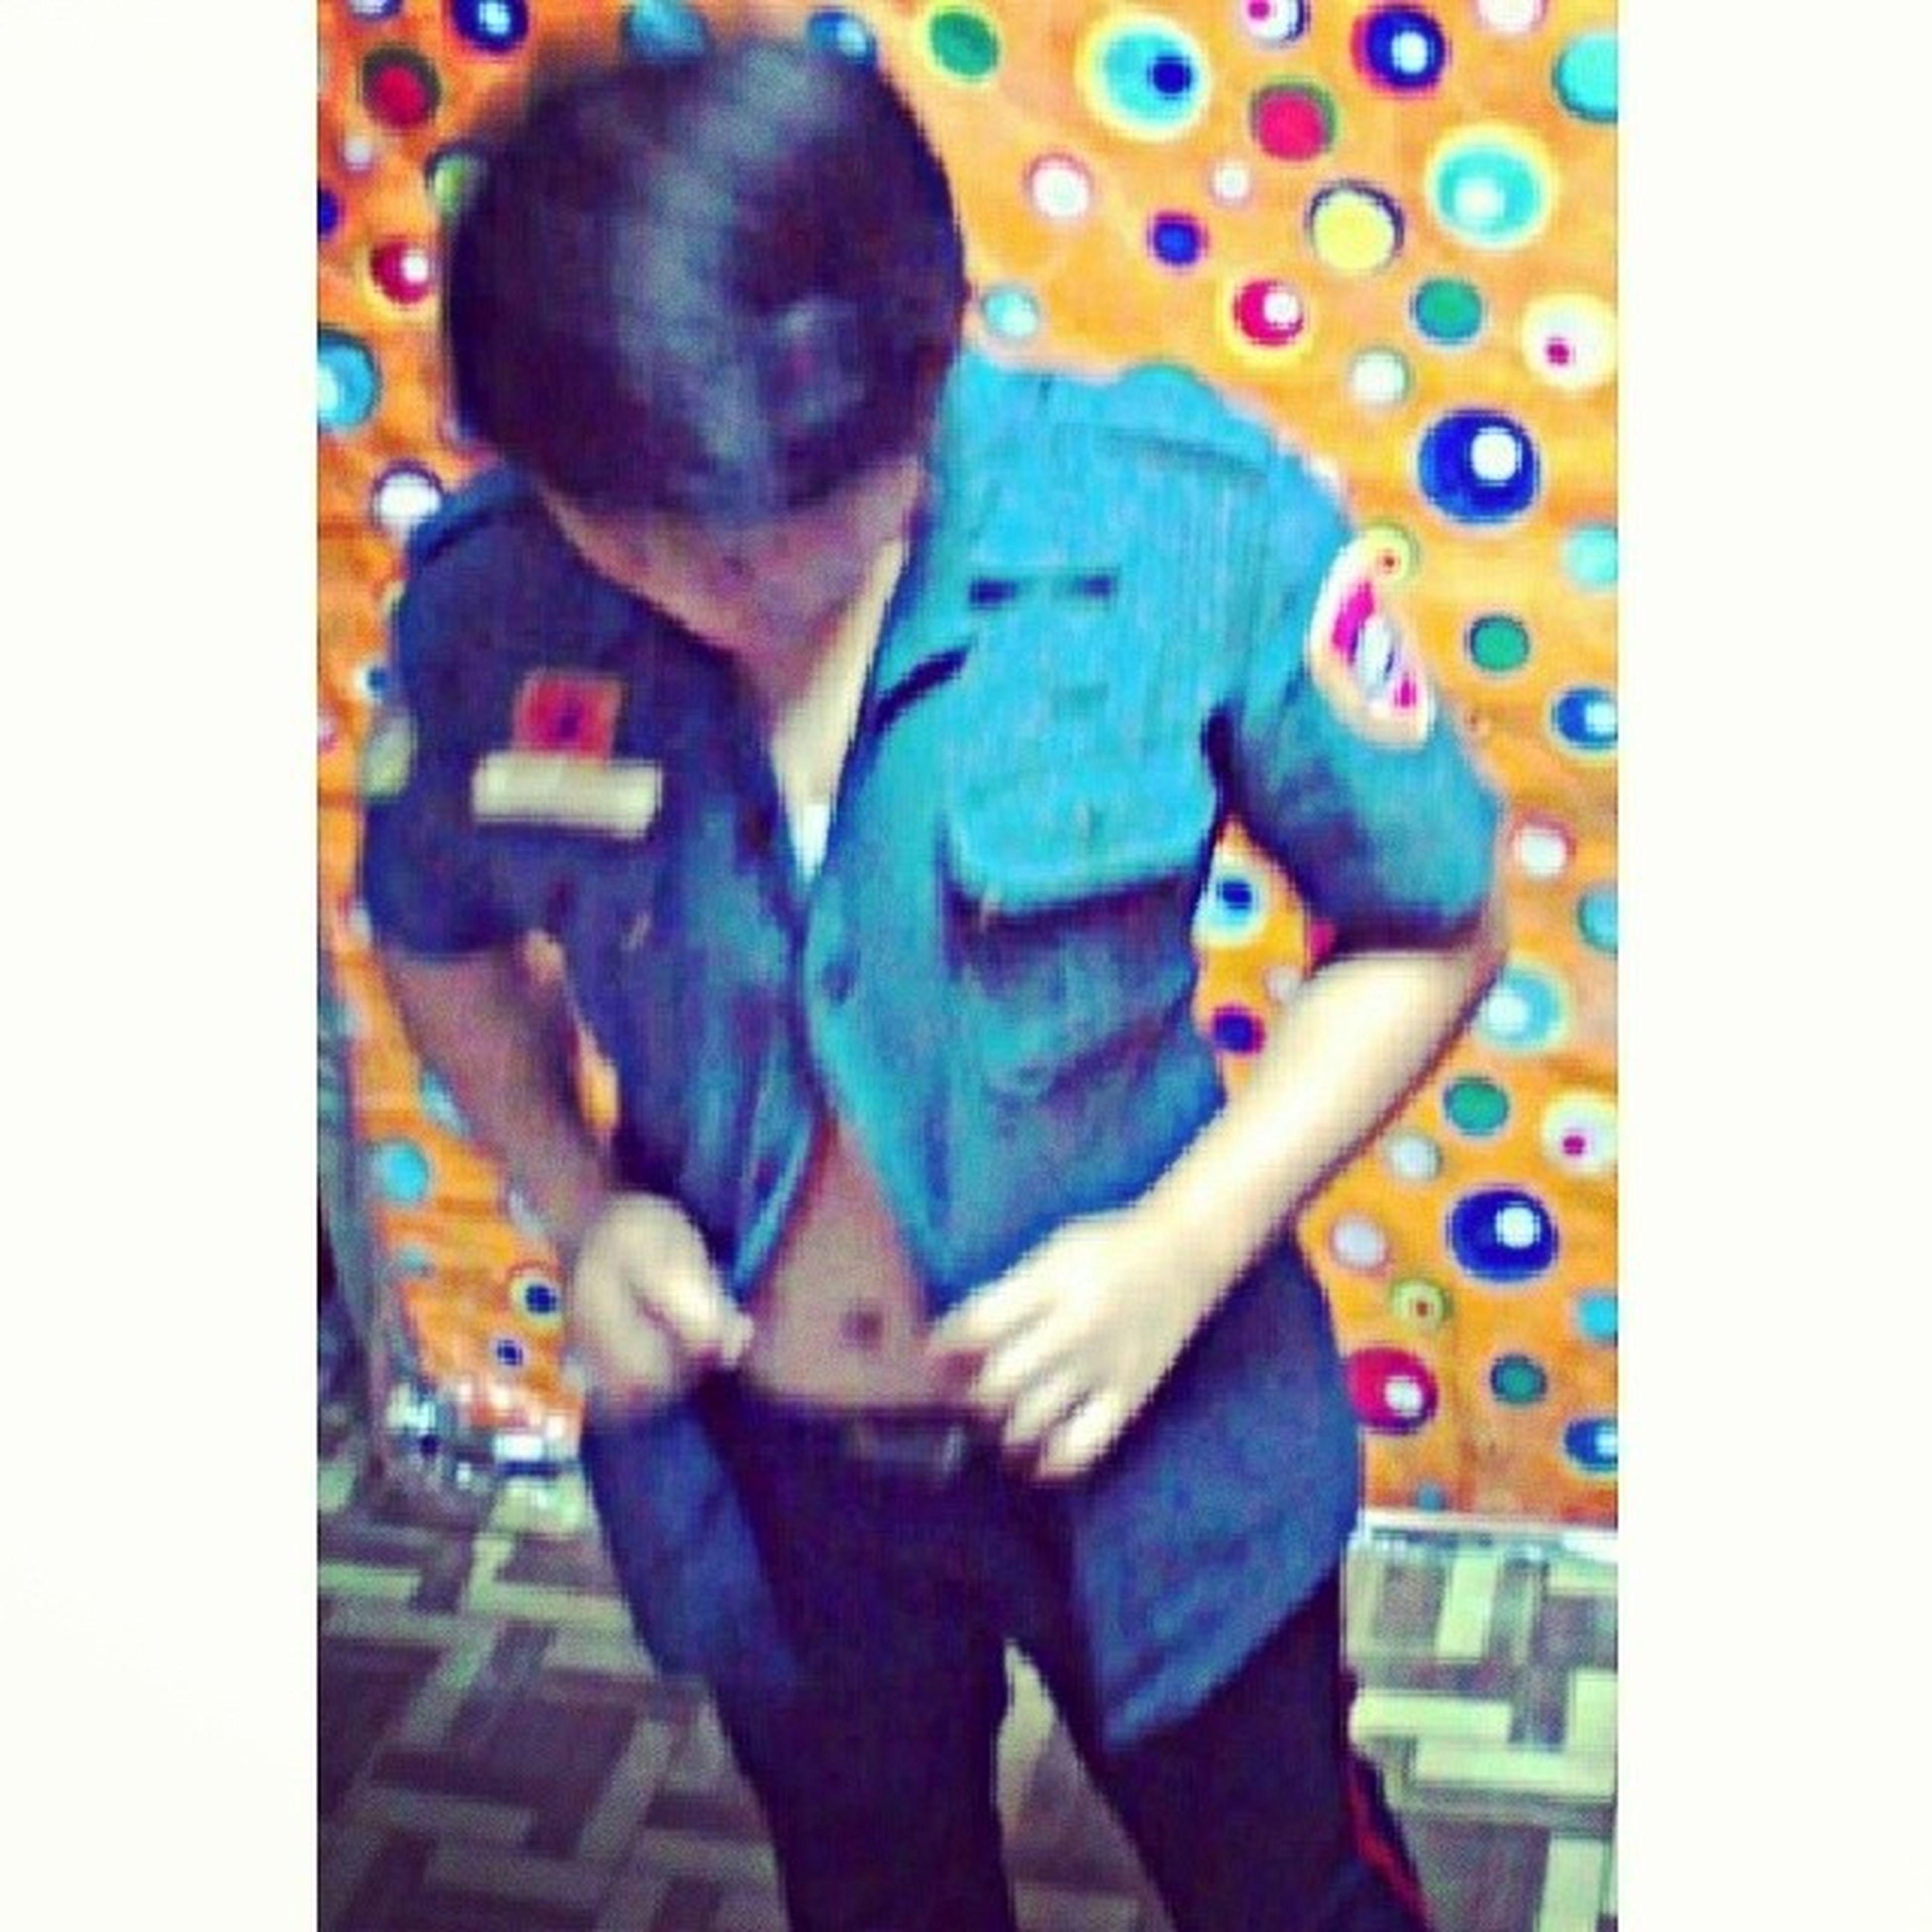 Flashbacksaturday WhenIwasAstudent ;)) -- I miss it! ParangKailanLang ^^